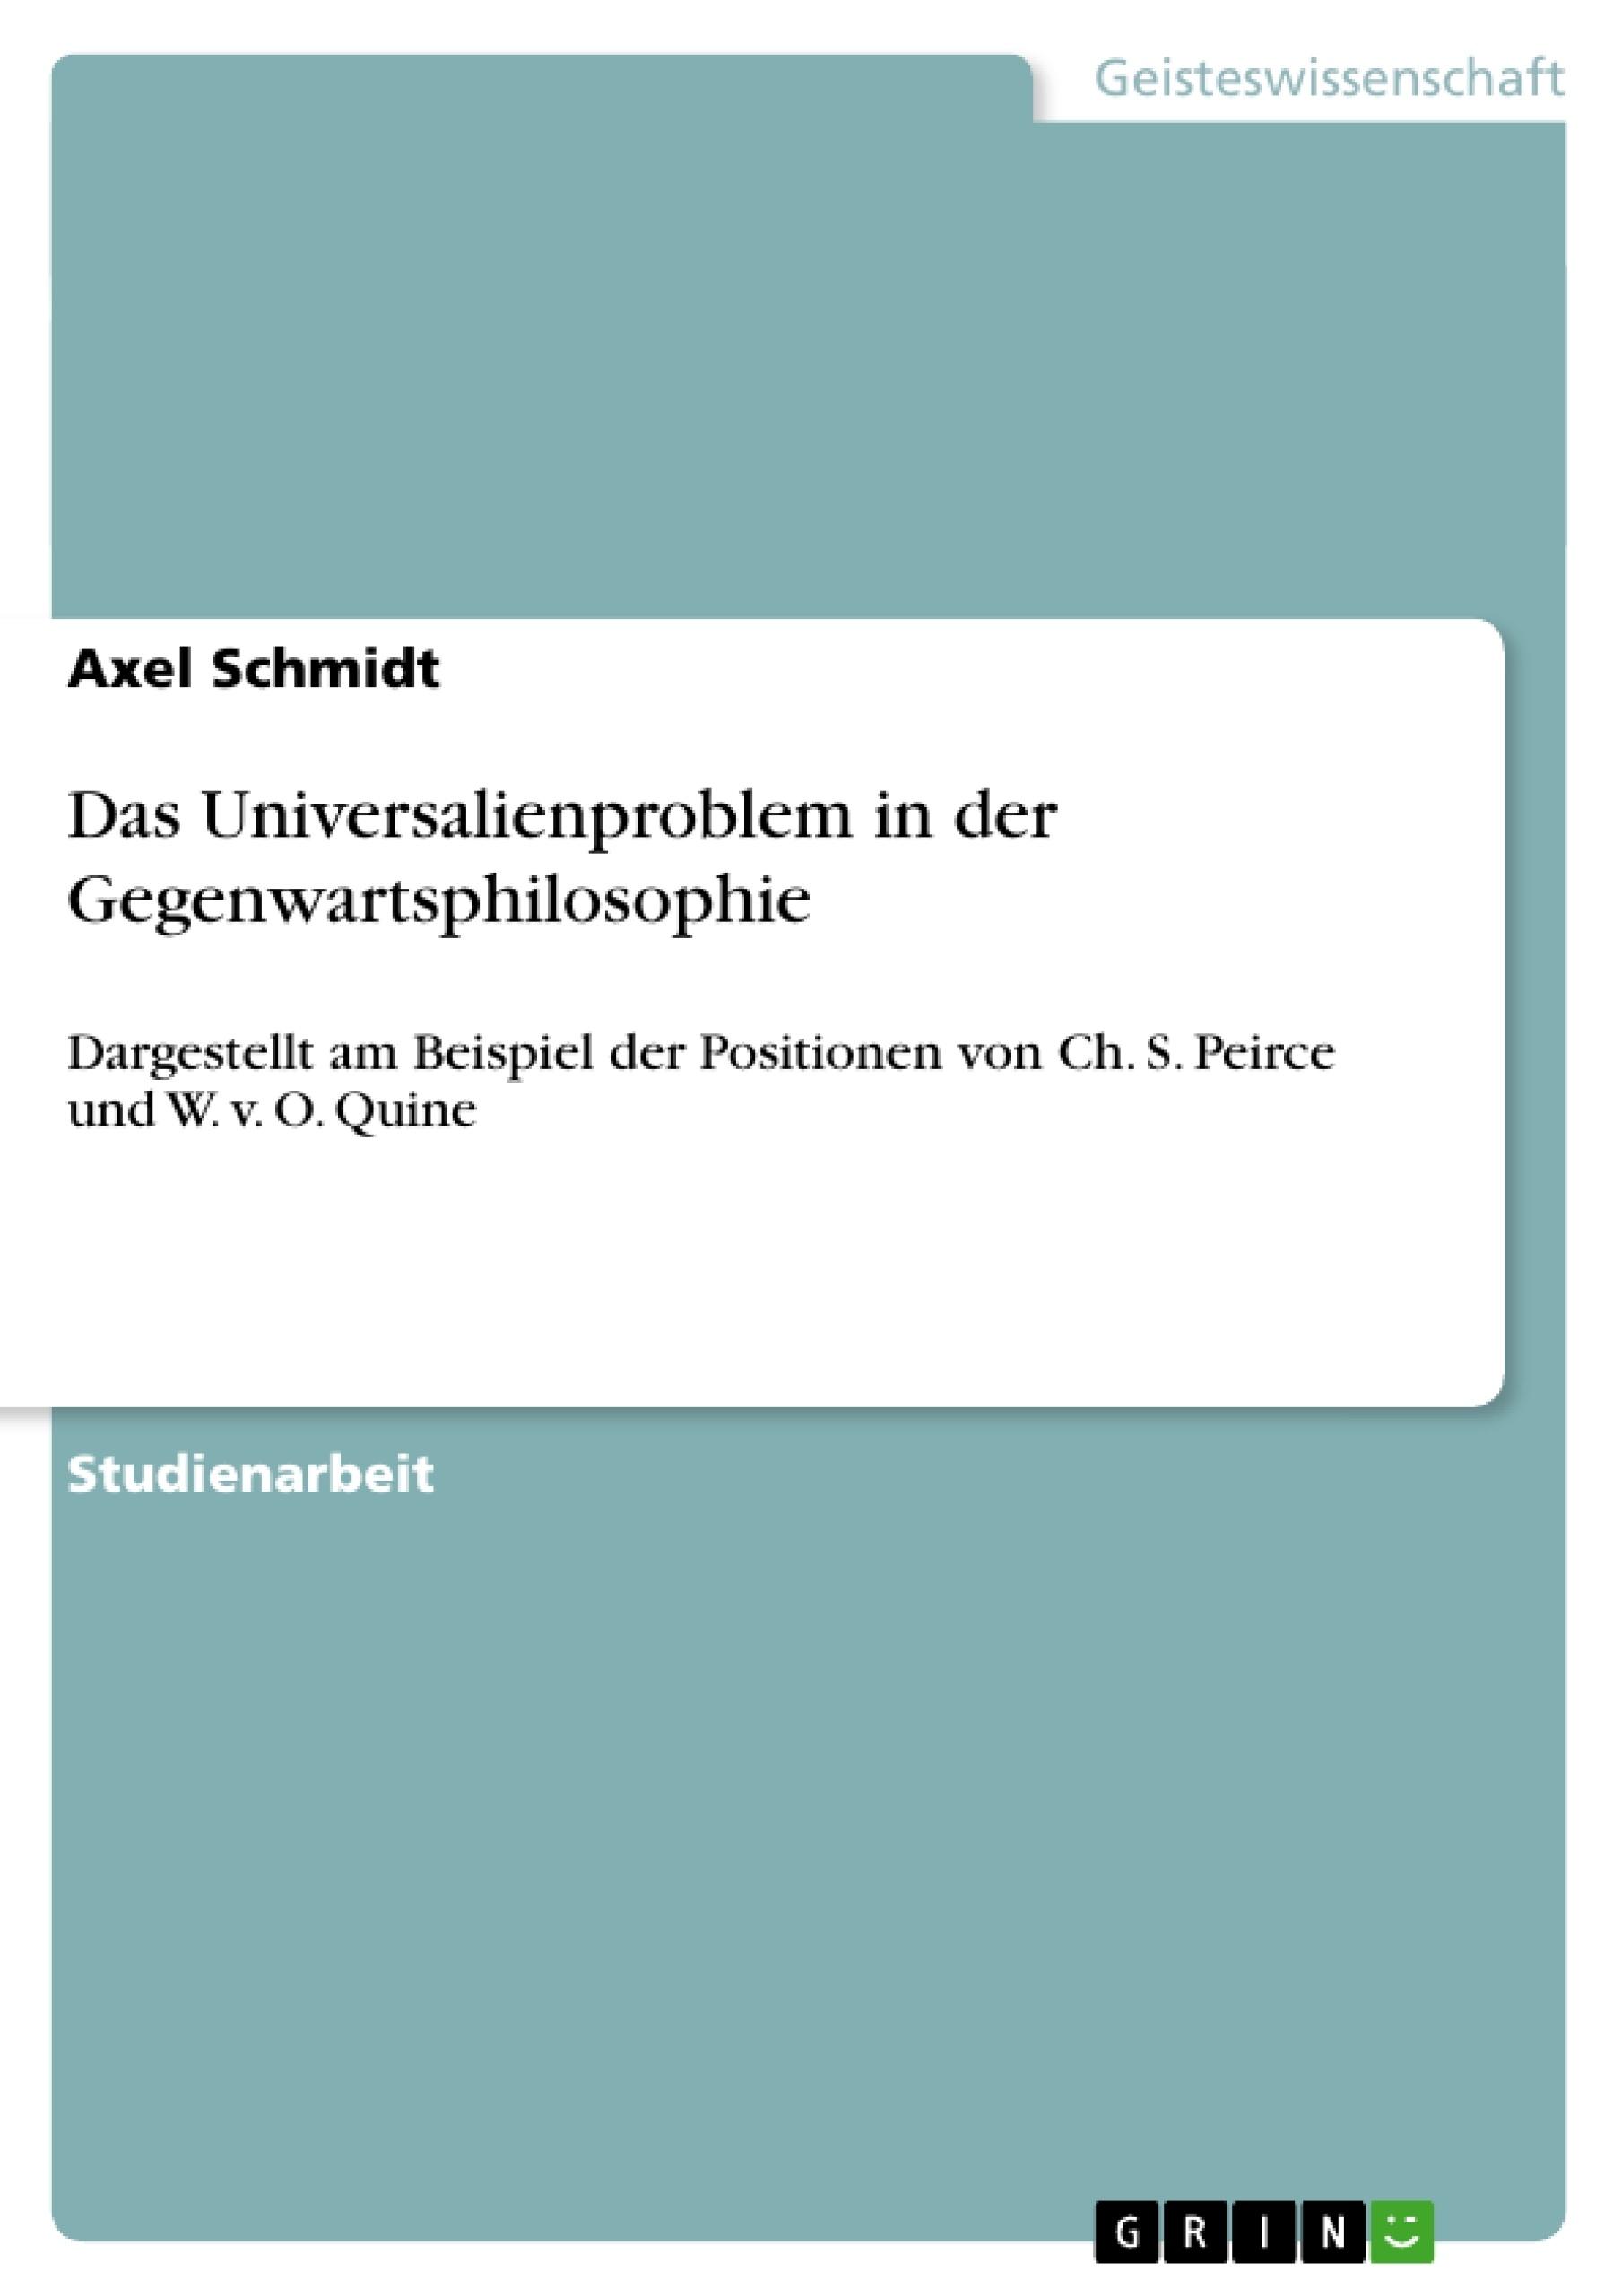 Titel: Das Universalienproblem in der Gegenwartsphilosophie